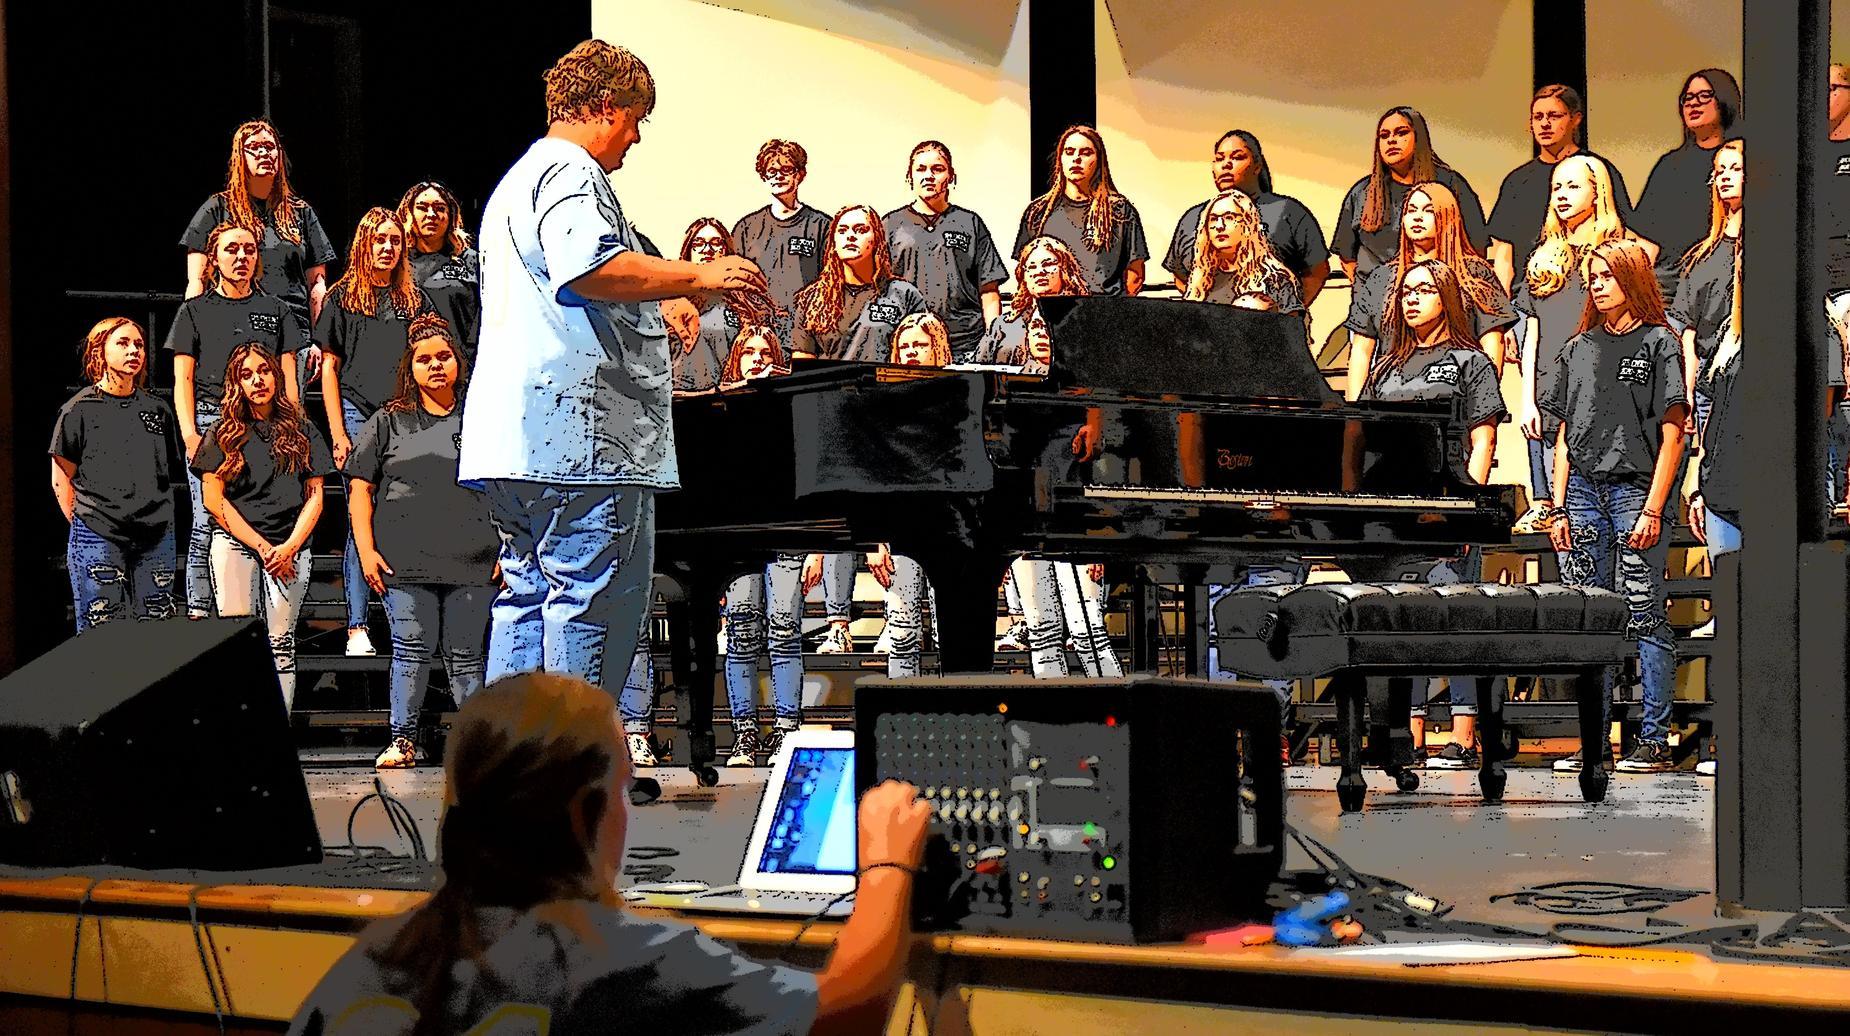 choir show